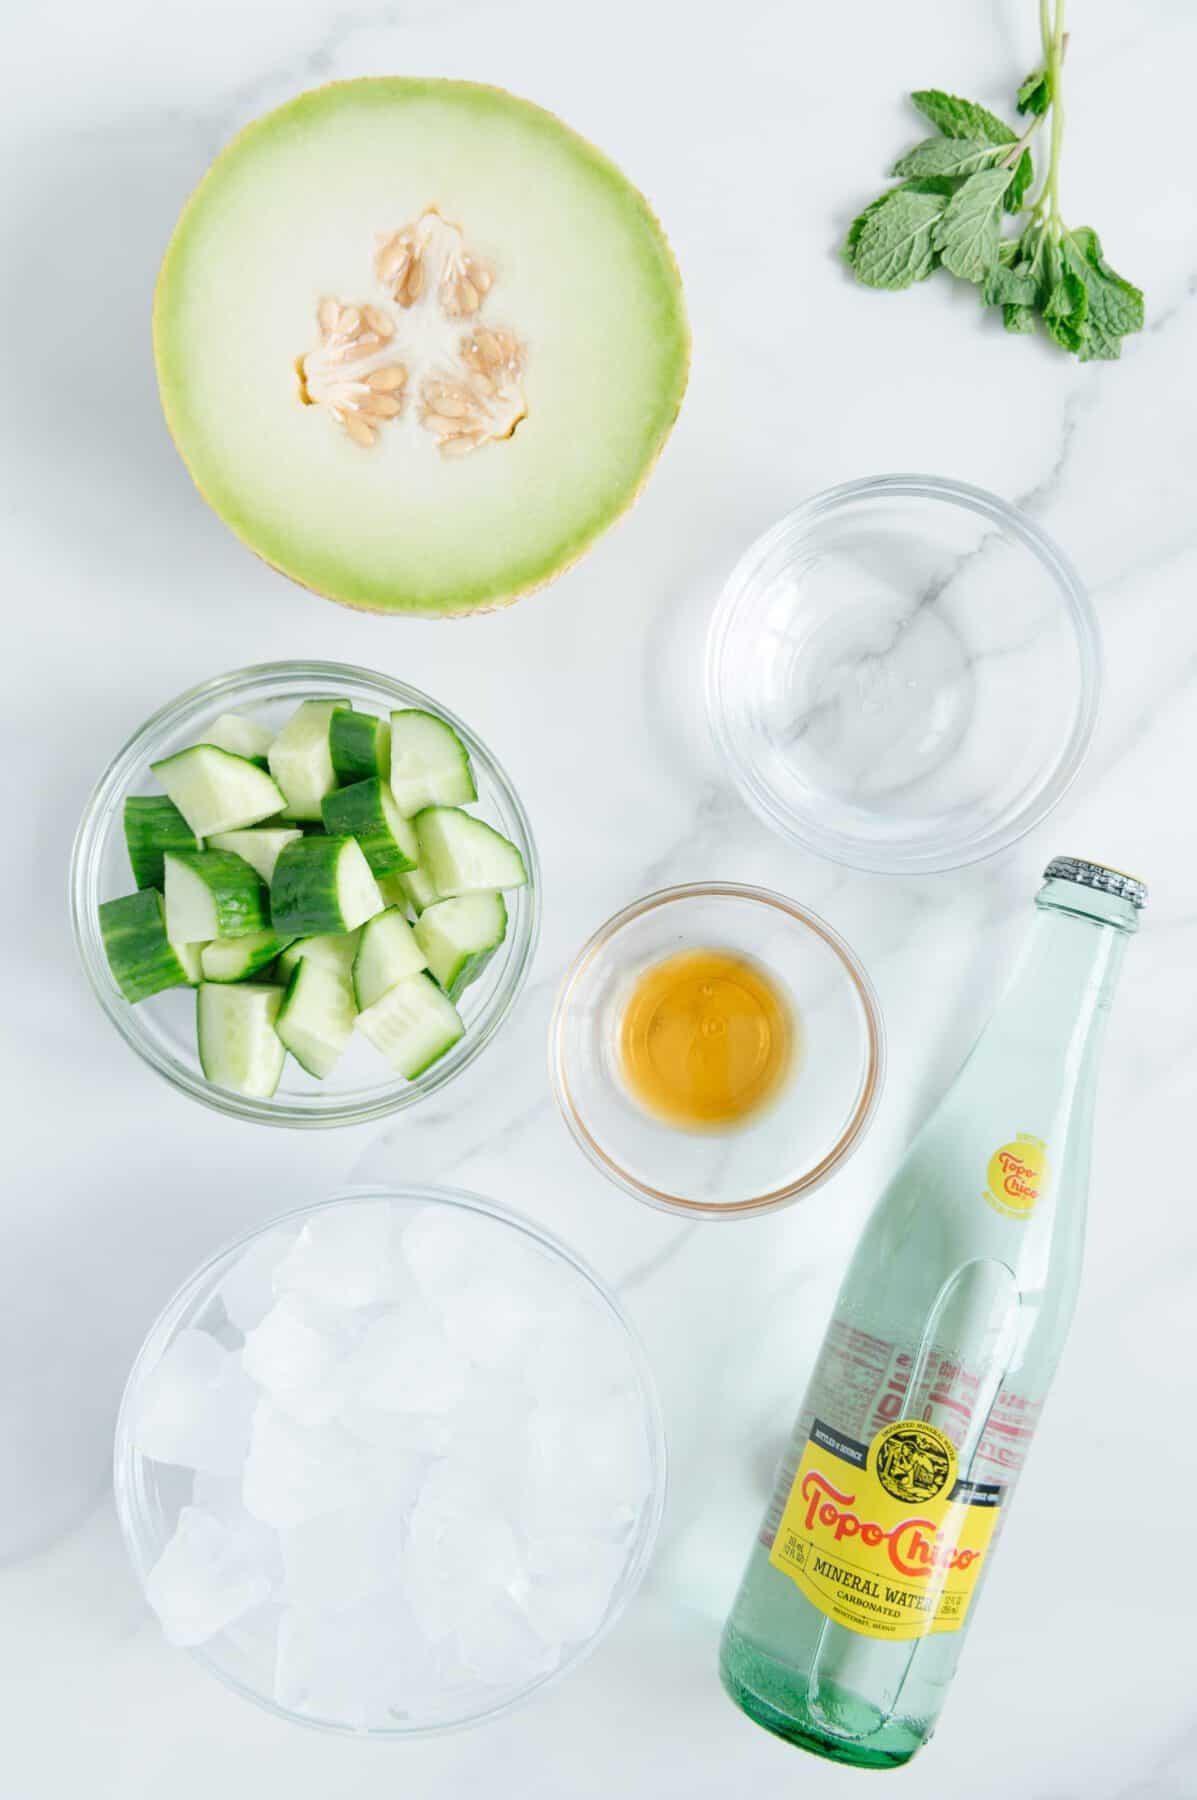 Cucumber Melon Spritzer Ingredients